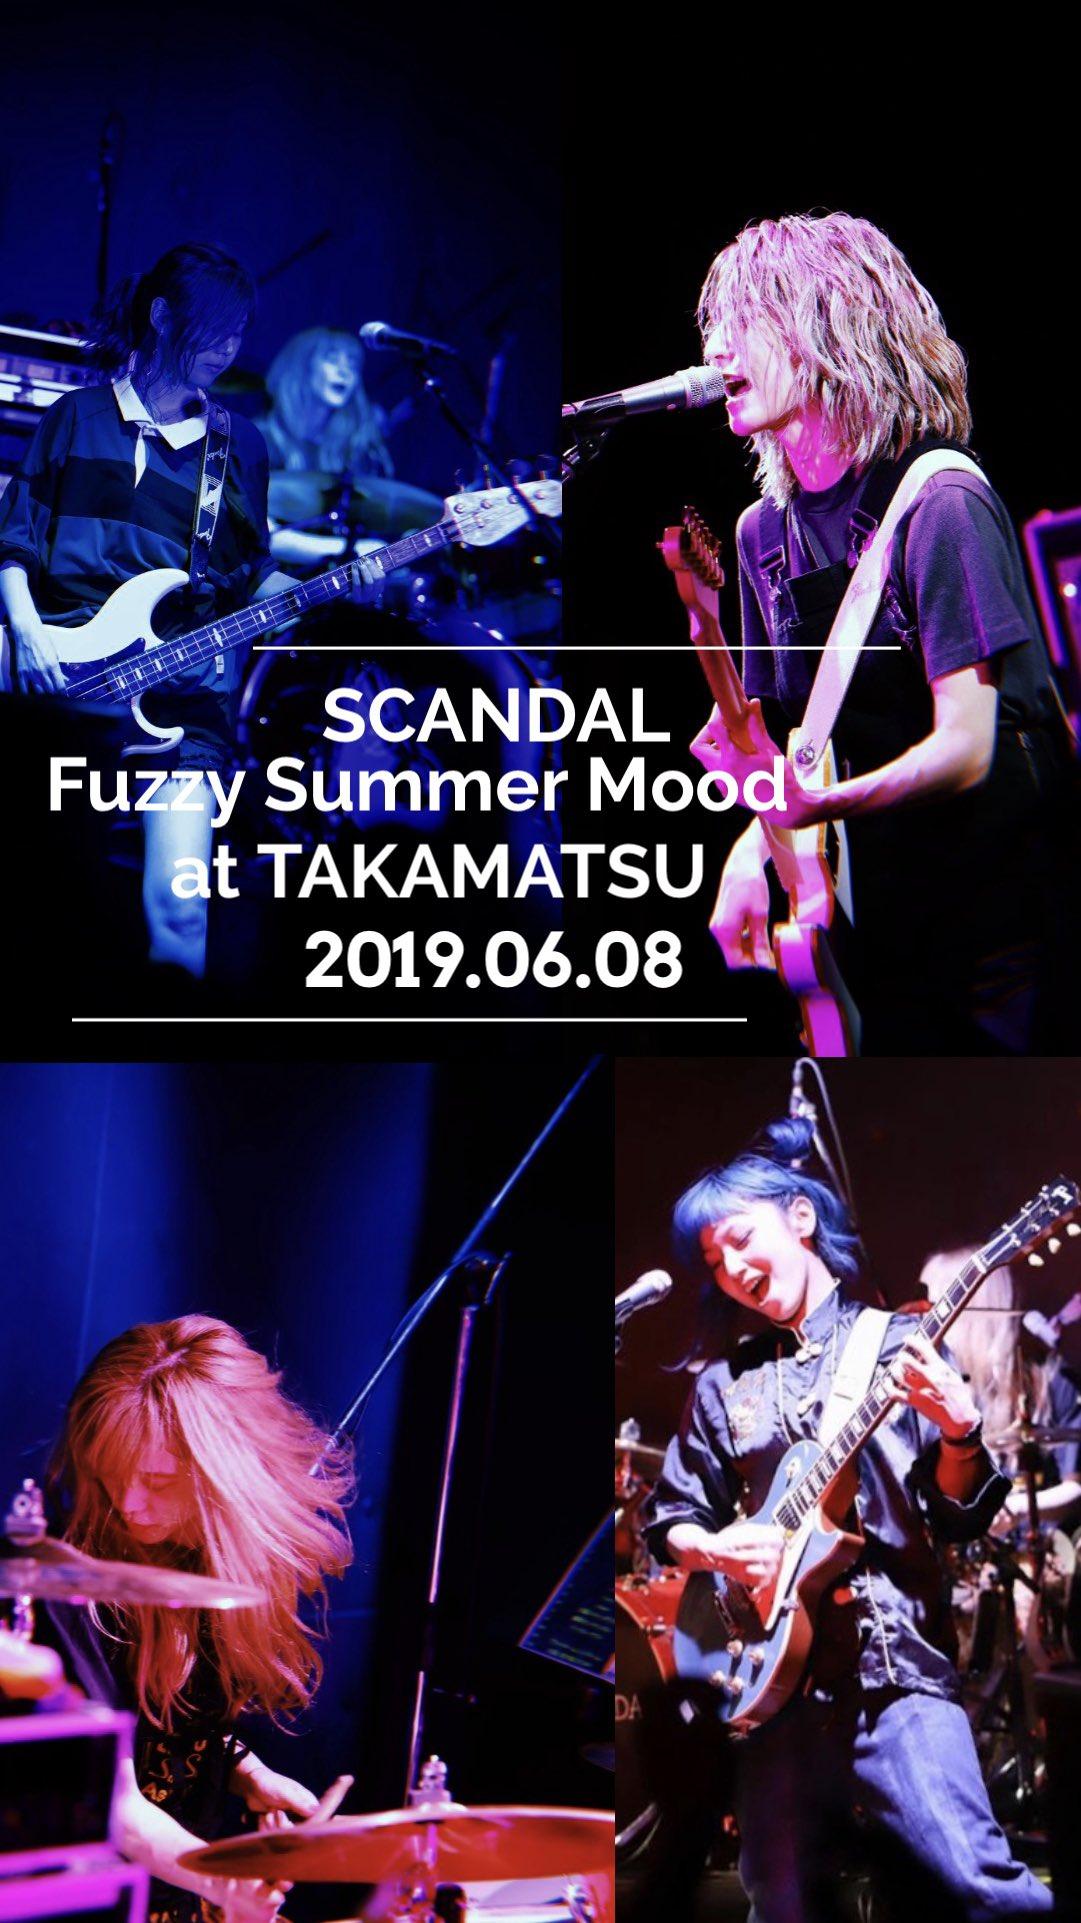 ゆか Scandal壁紙rt垢 遅くなりました Scandal Fuzzy Summer Mood At Takamastu Scandal Scandal Fsm いいなと思ったらrt